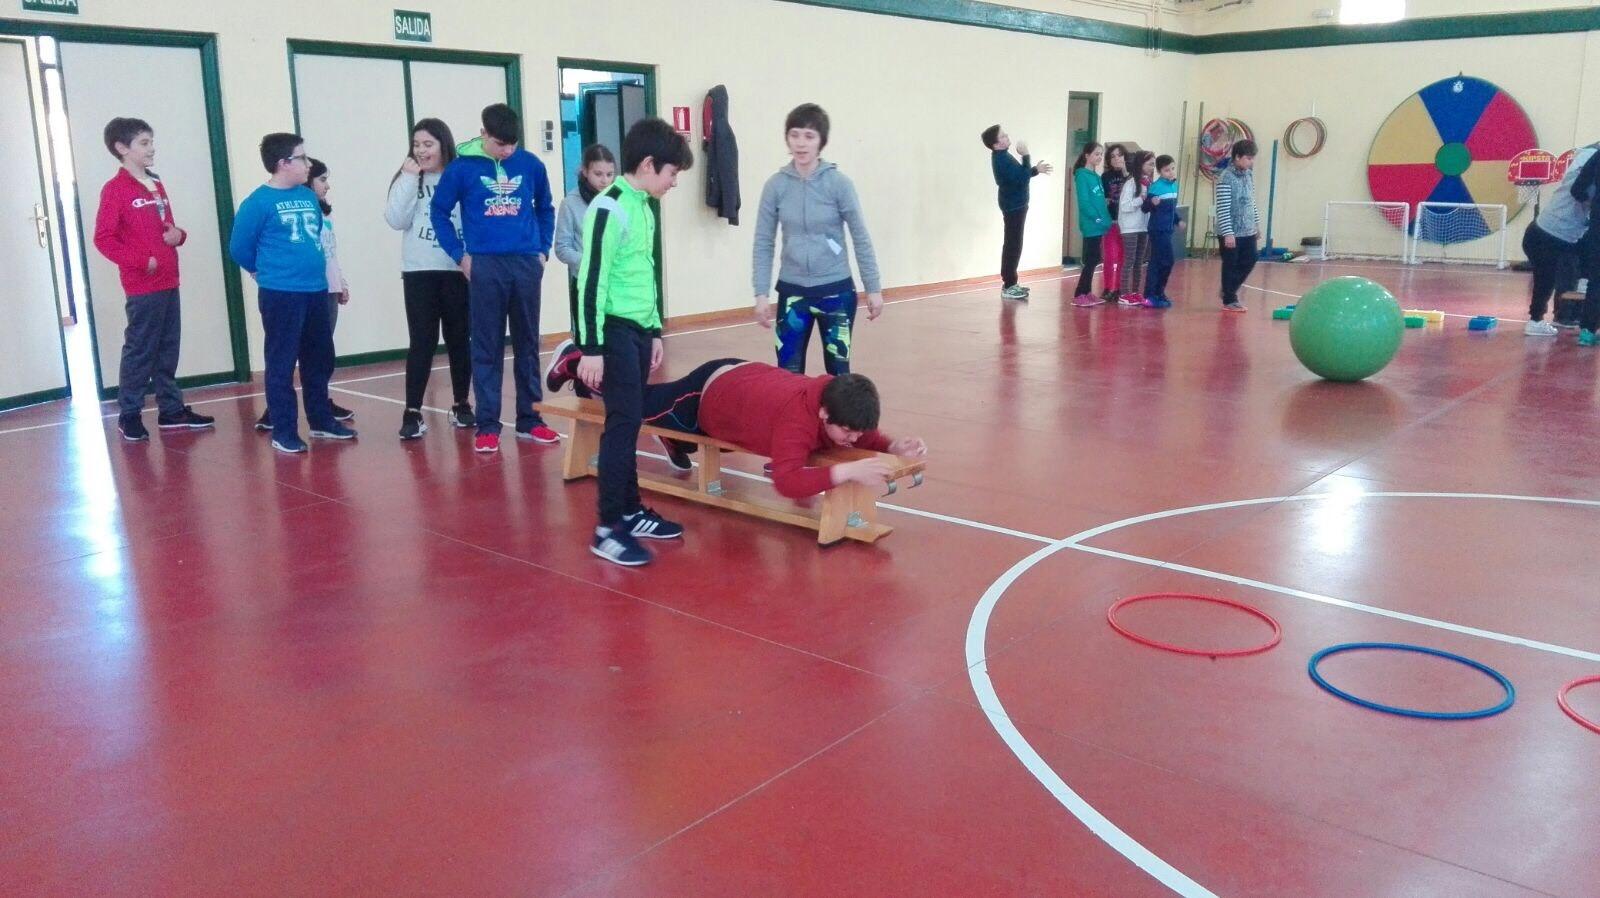 Educación Física, una buena oportunidad para la inclusión educativa